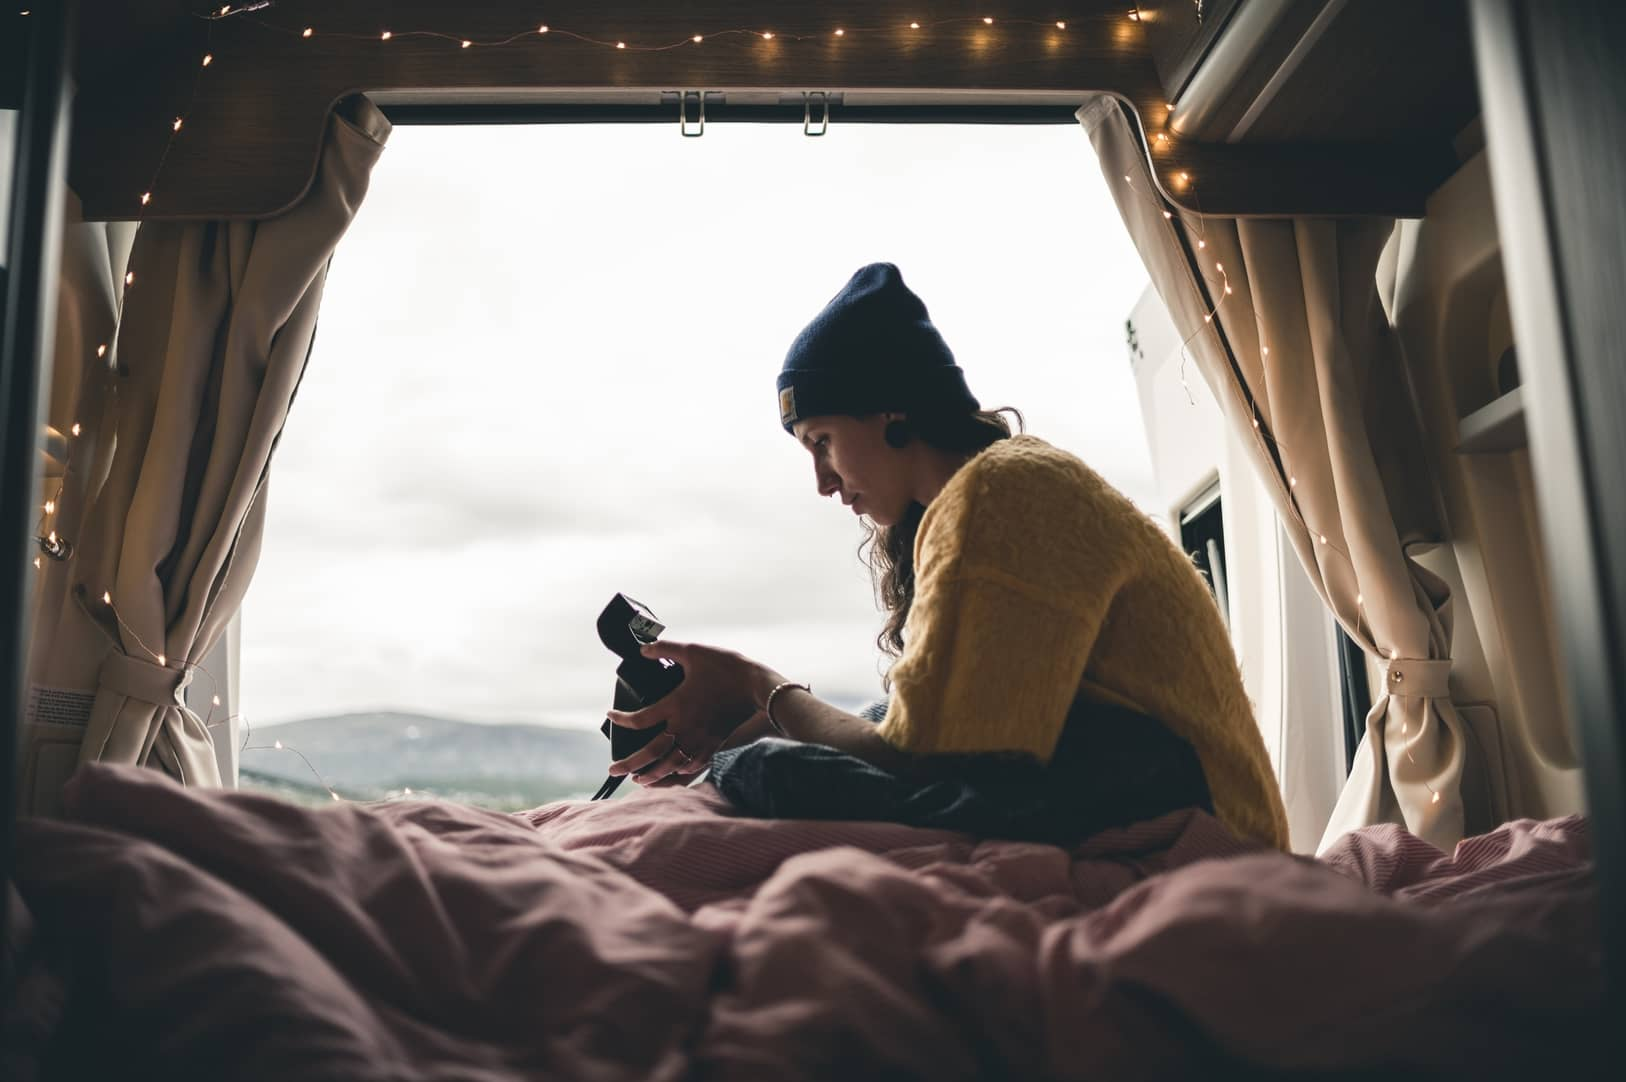 Wohnmobil Bett Pflege Staubsauger